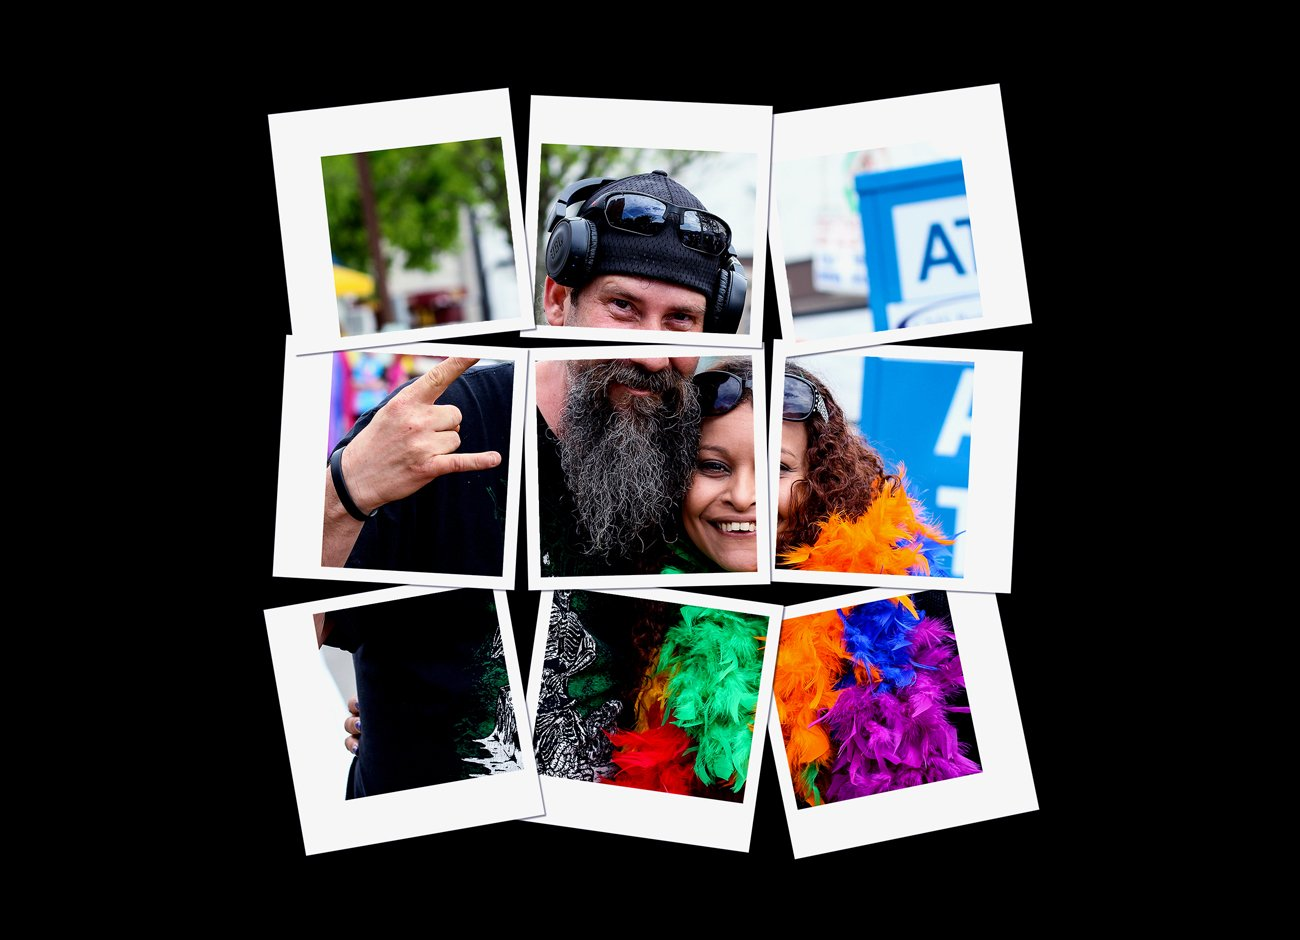 拼贴效果照片处理特效PS动作模板素材 Collage Photo Effect PS Action插图2